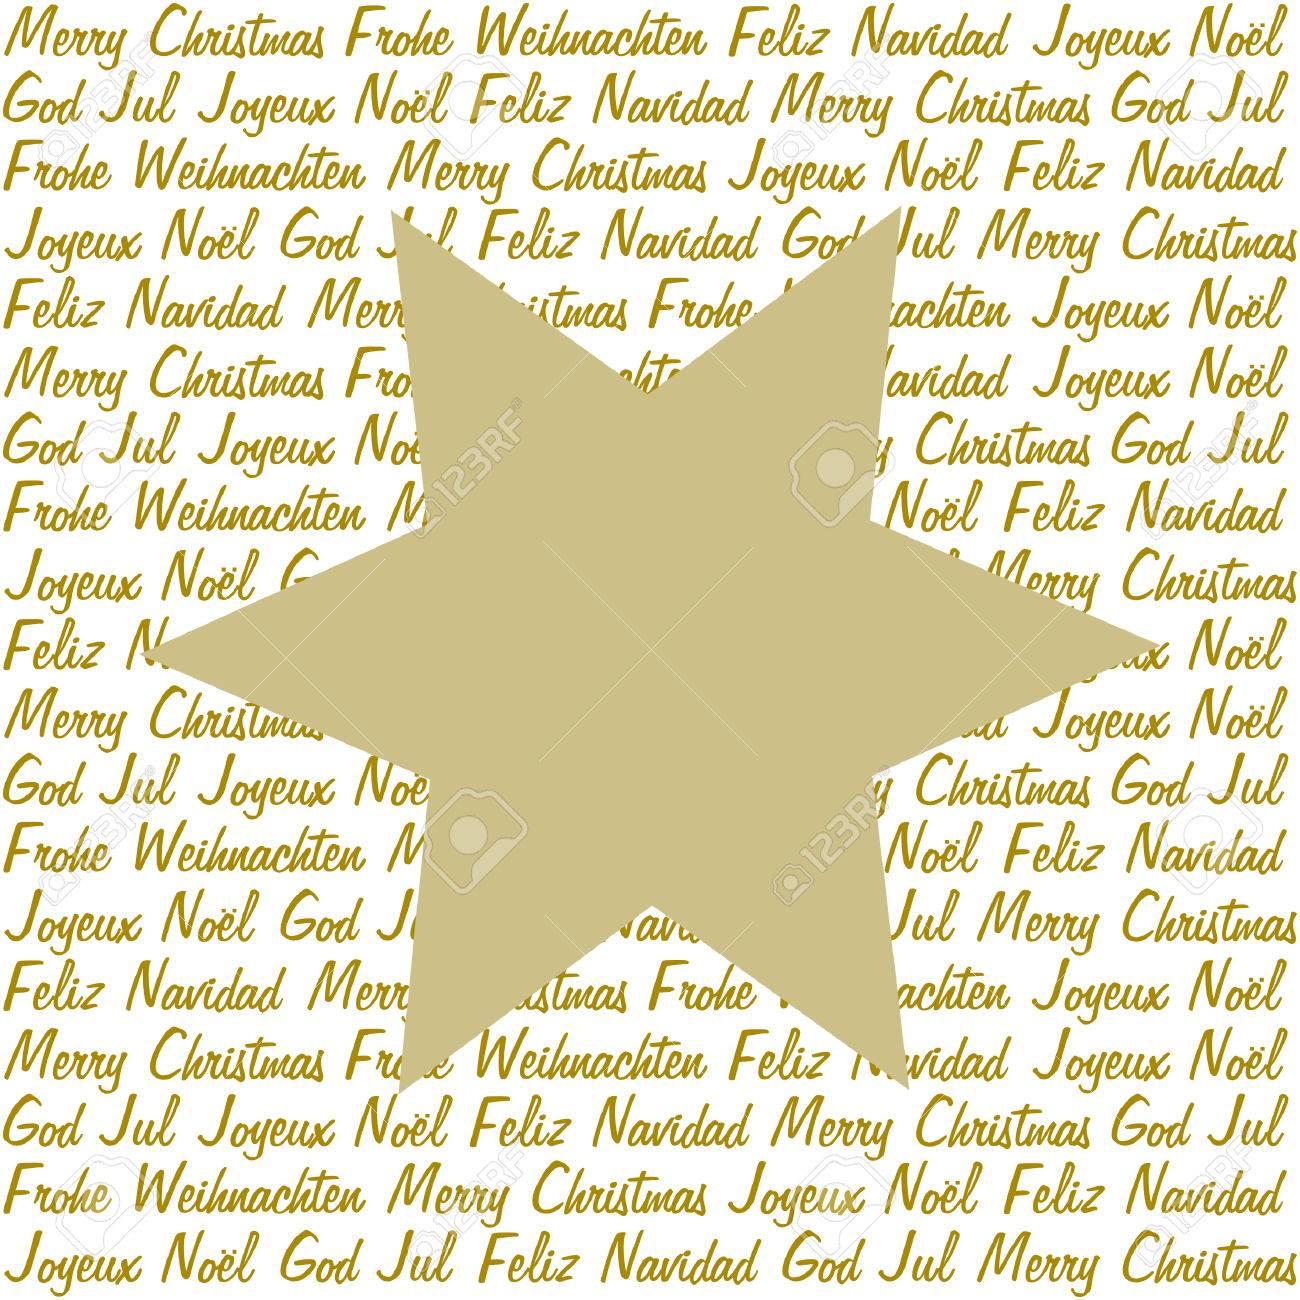 Weihnachtsgrüße In Verschiedenen Sprachen.Stock Photo